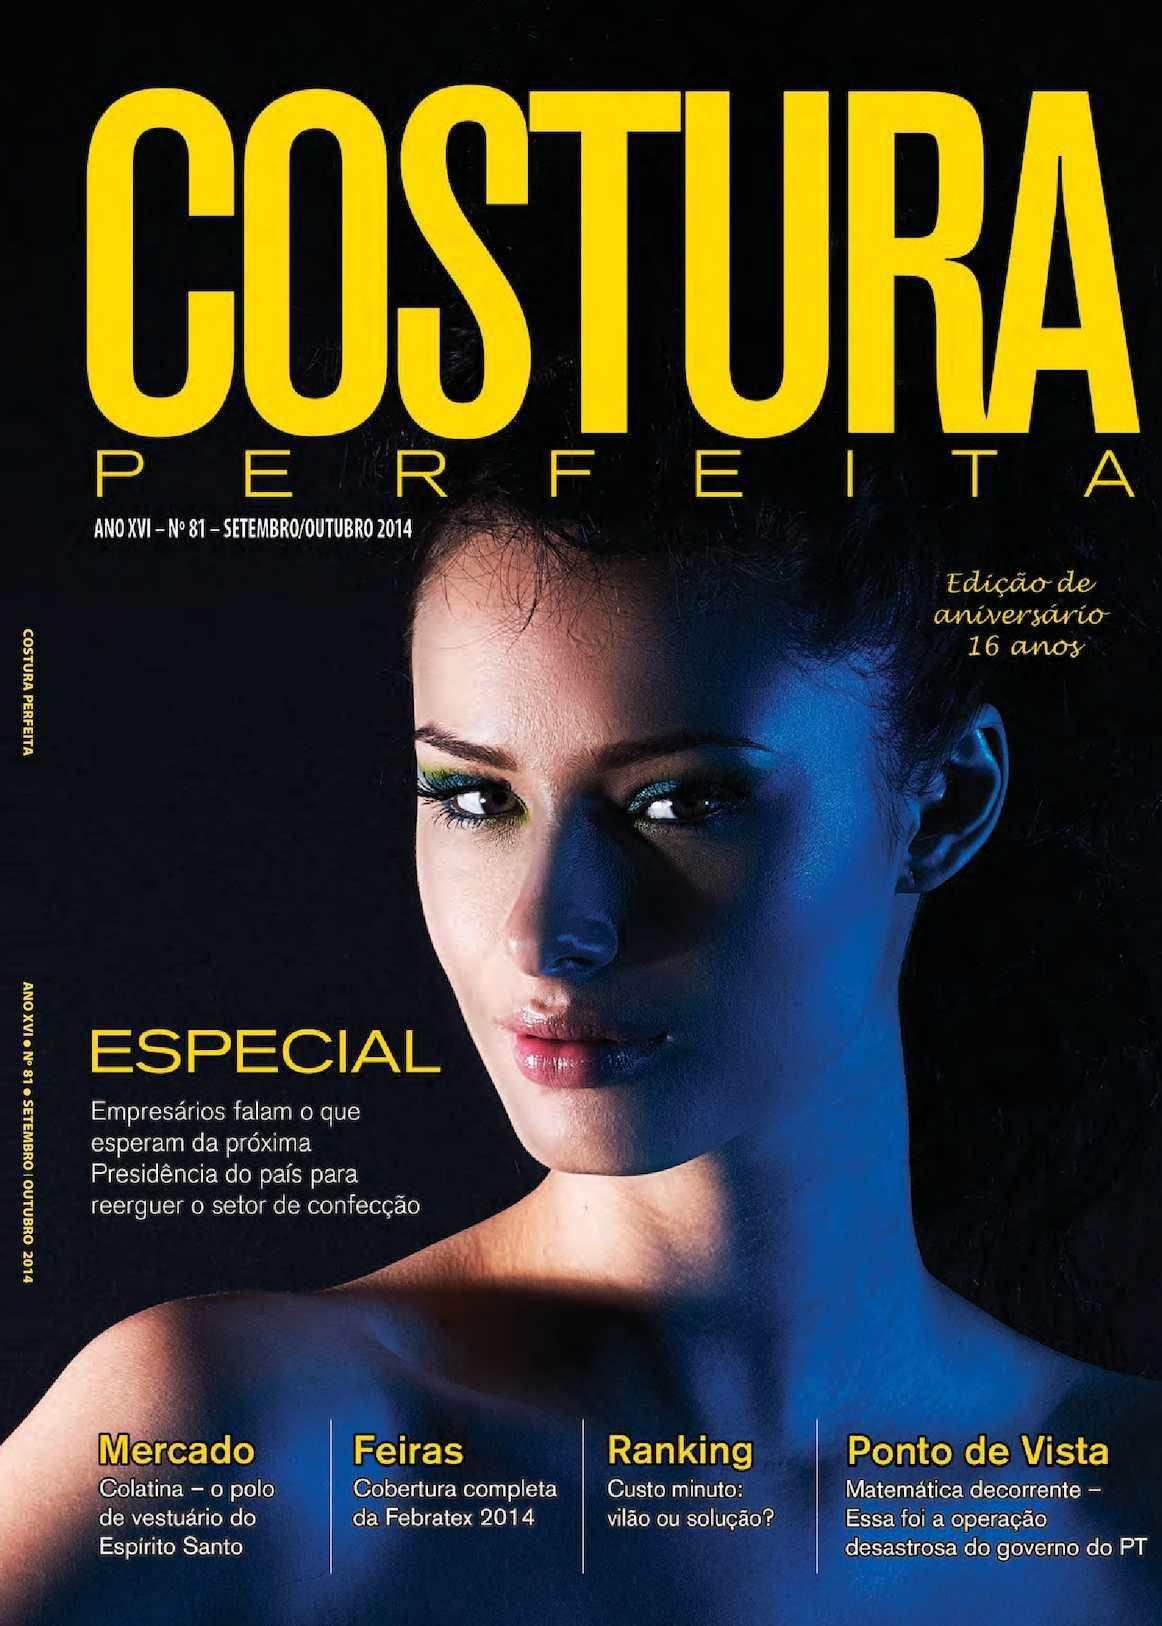 Calaméo - Revista Costura Perfeita Edição Ano XVI - N81 - Setembro-Outubro  2014 1270acf3fba